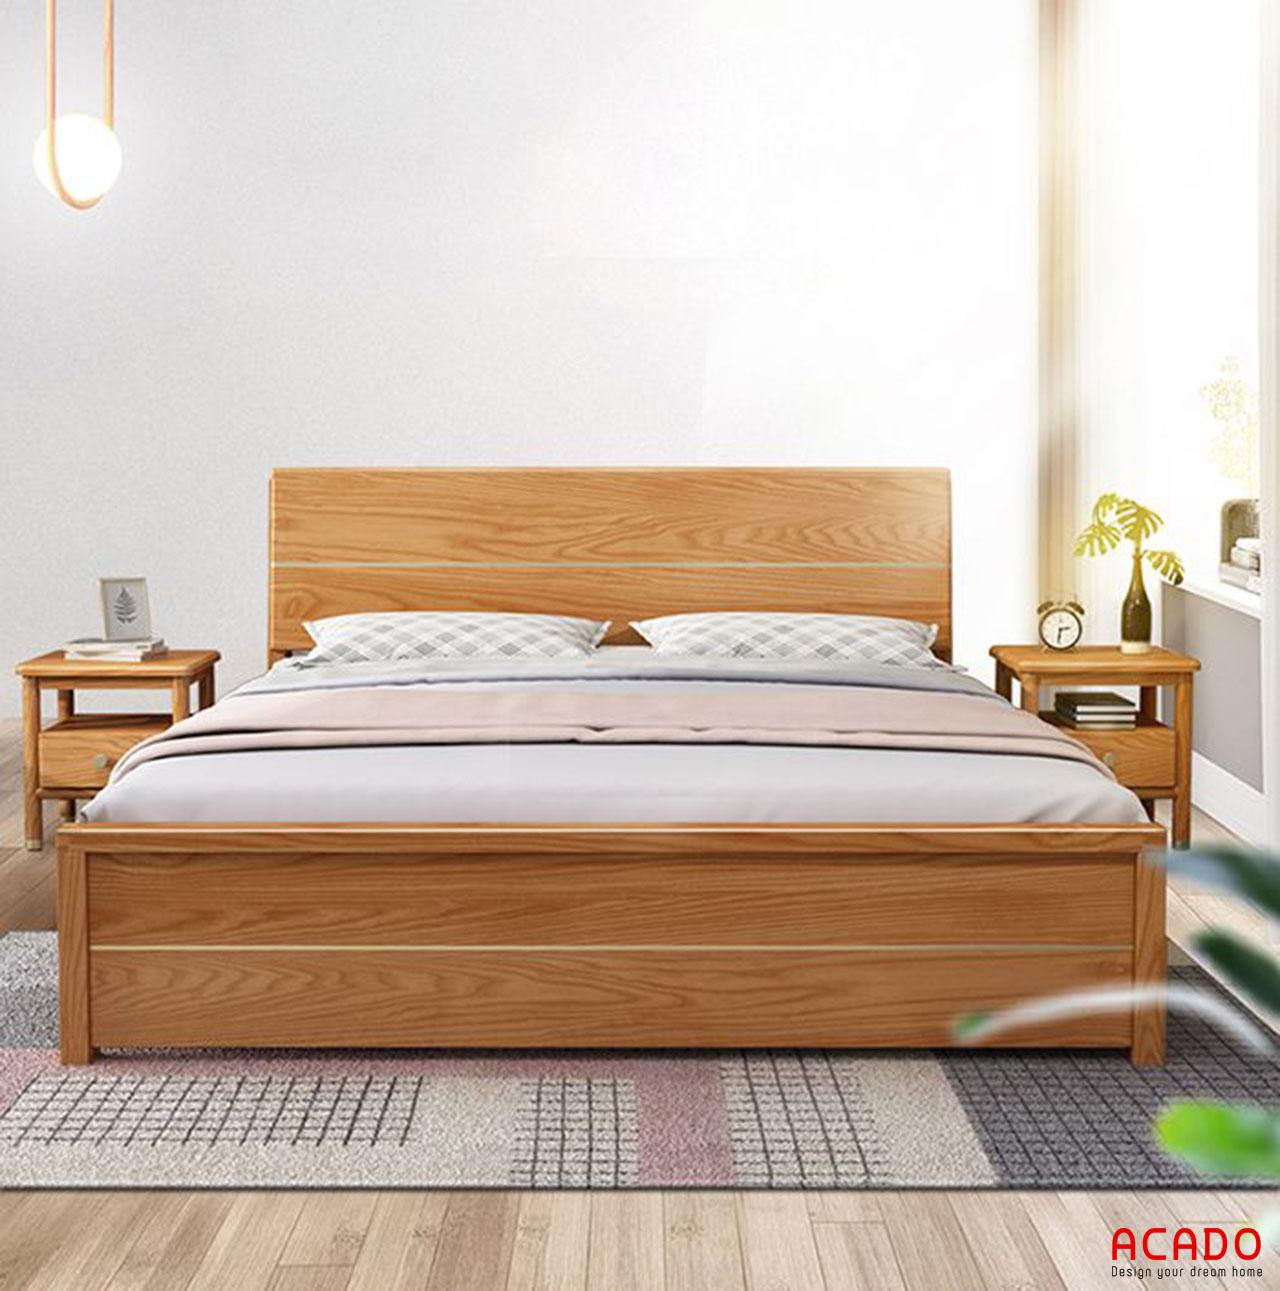 Giường ngủ gỗ sồi tự nhiên mang đến cho bạn những giấc ngủ ngon